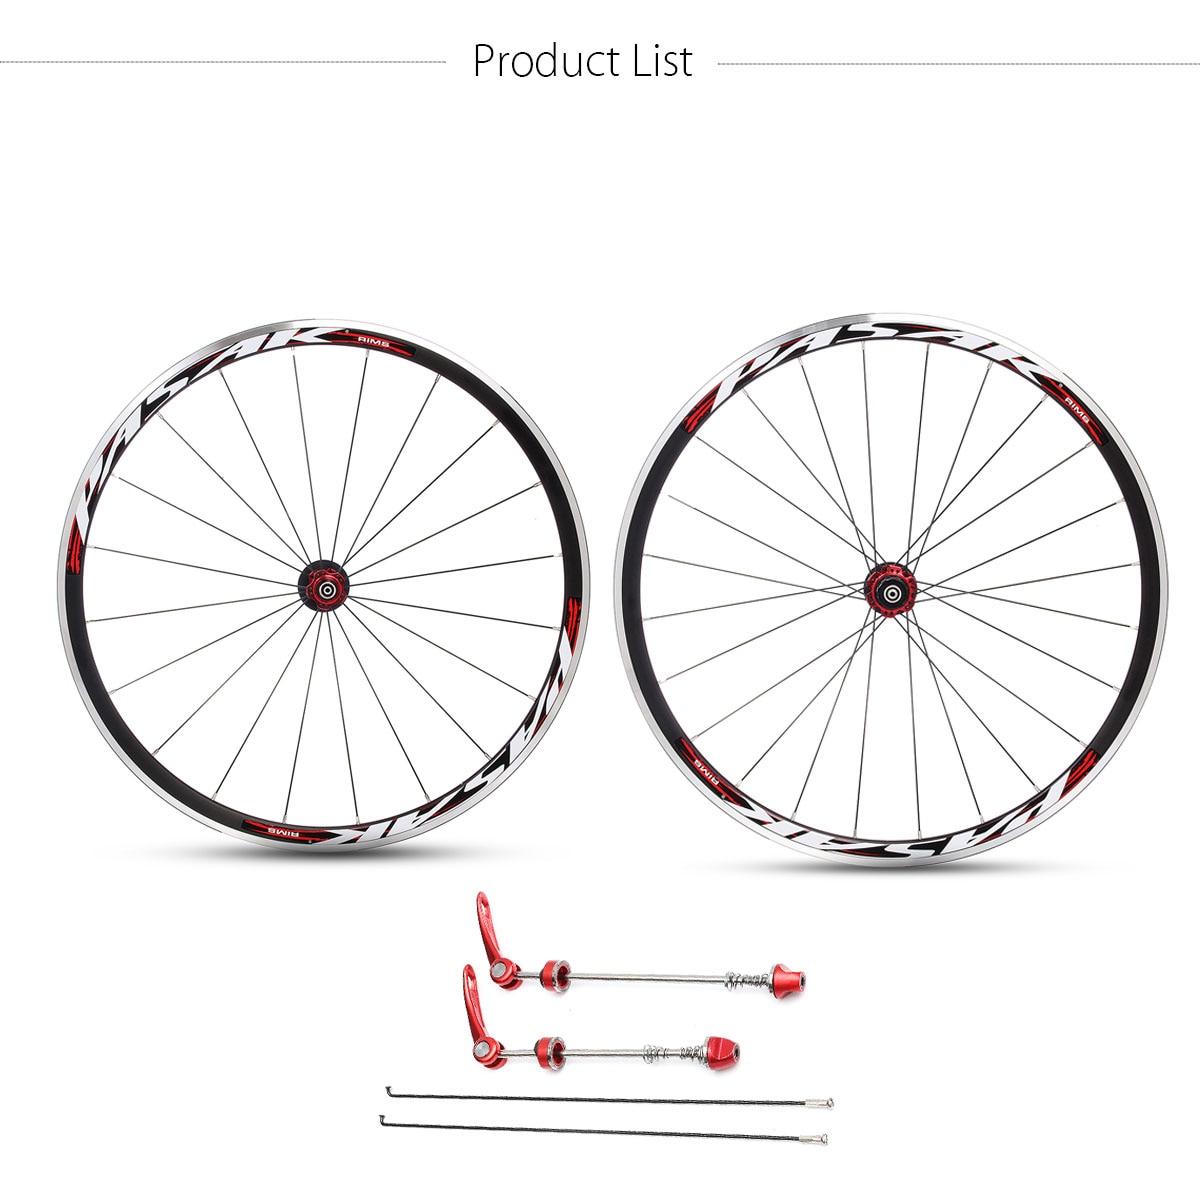 Новый 700С 1690g 30mm Ультра легкий дорога передняя велосипед задний Колесная обода, Фривил с быстрого выпуска рычаг шашлык велосипед части